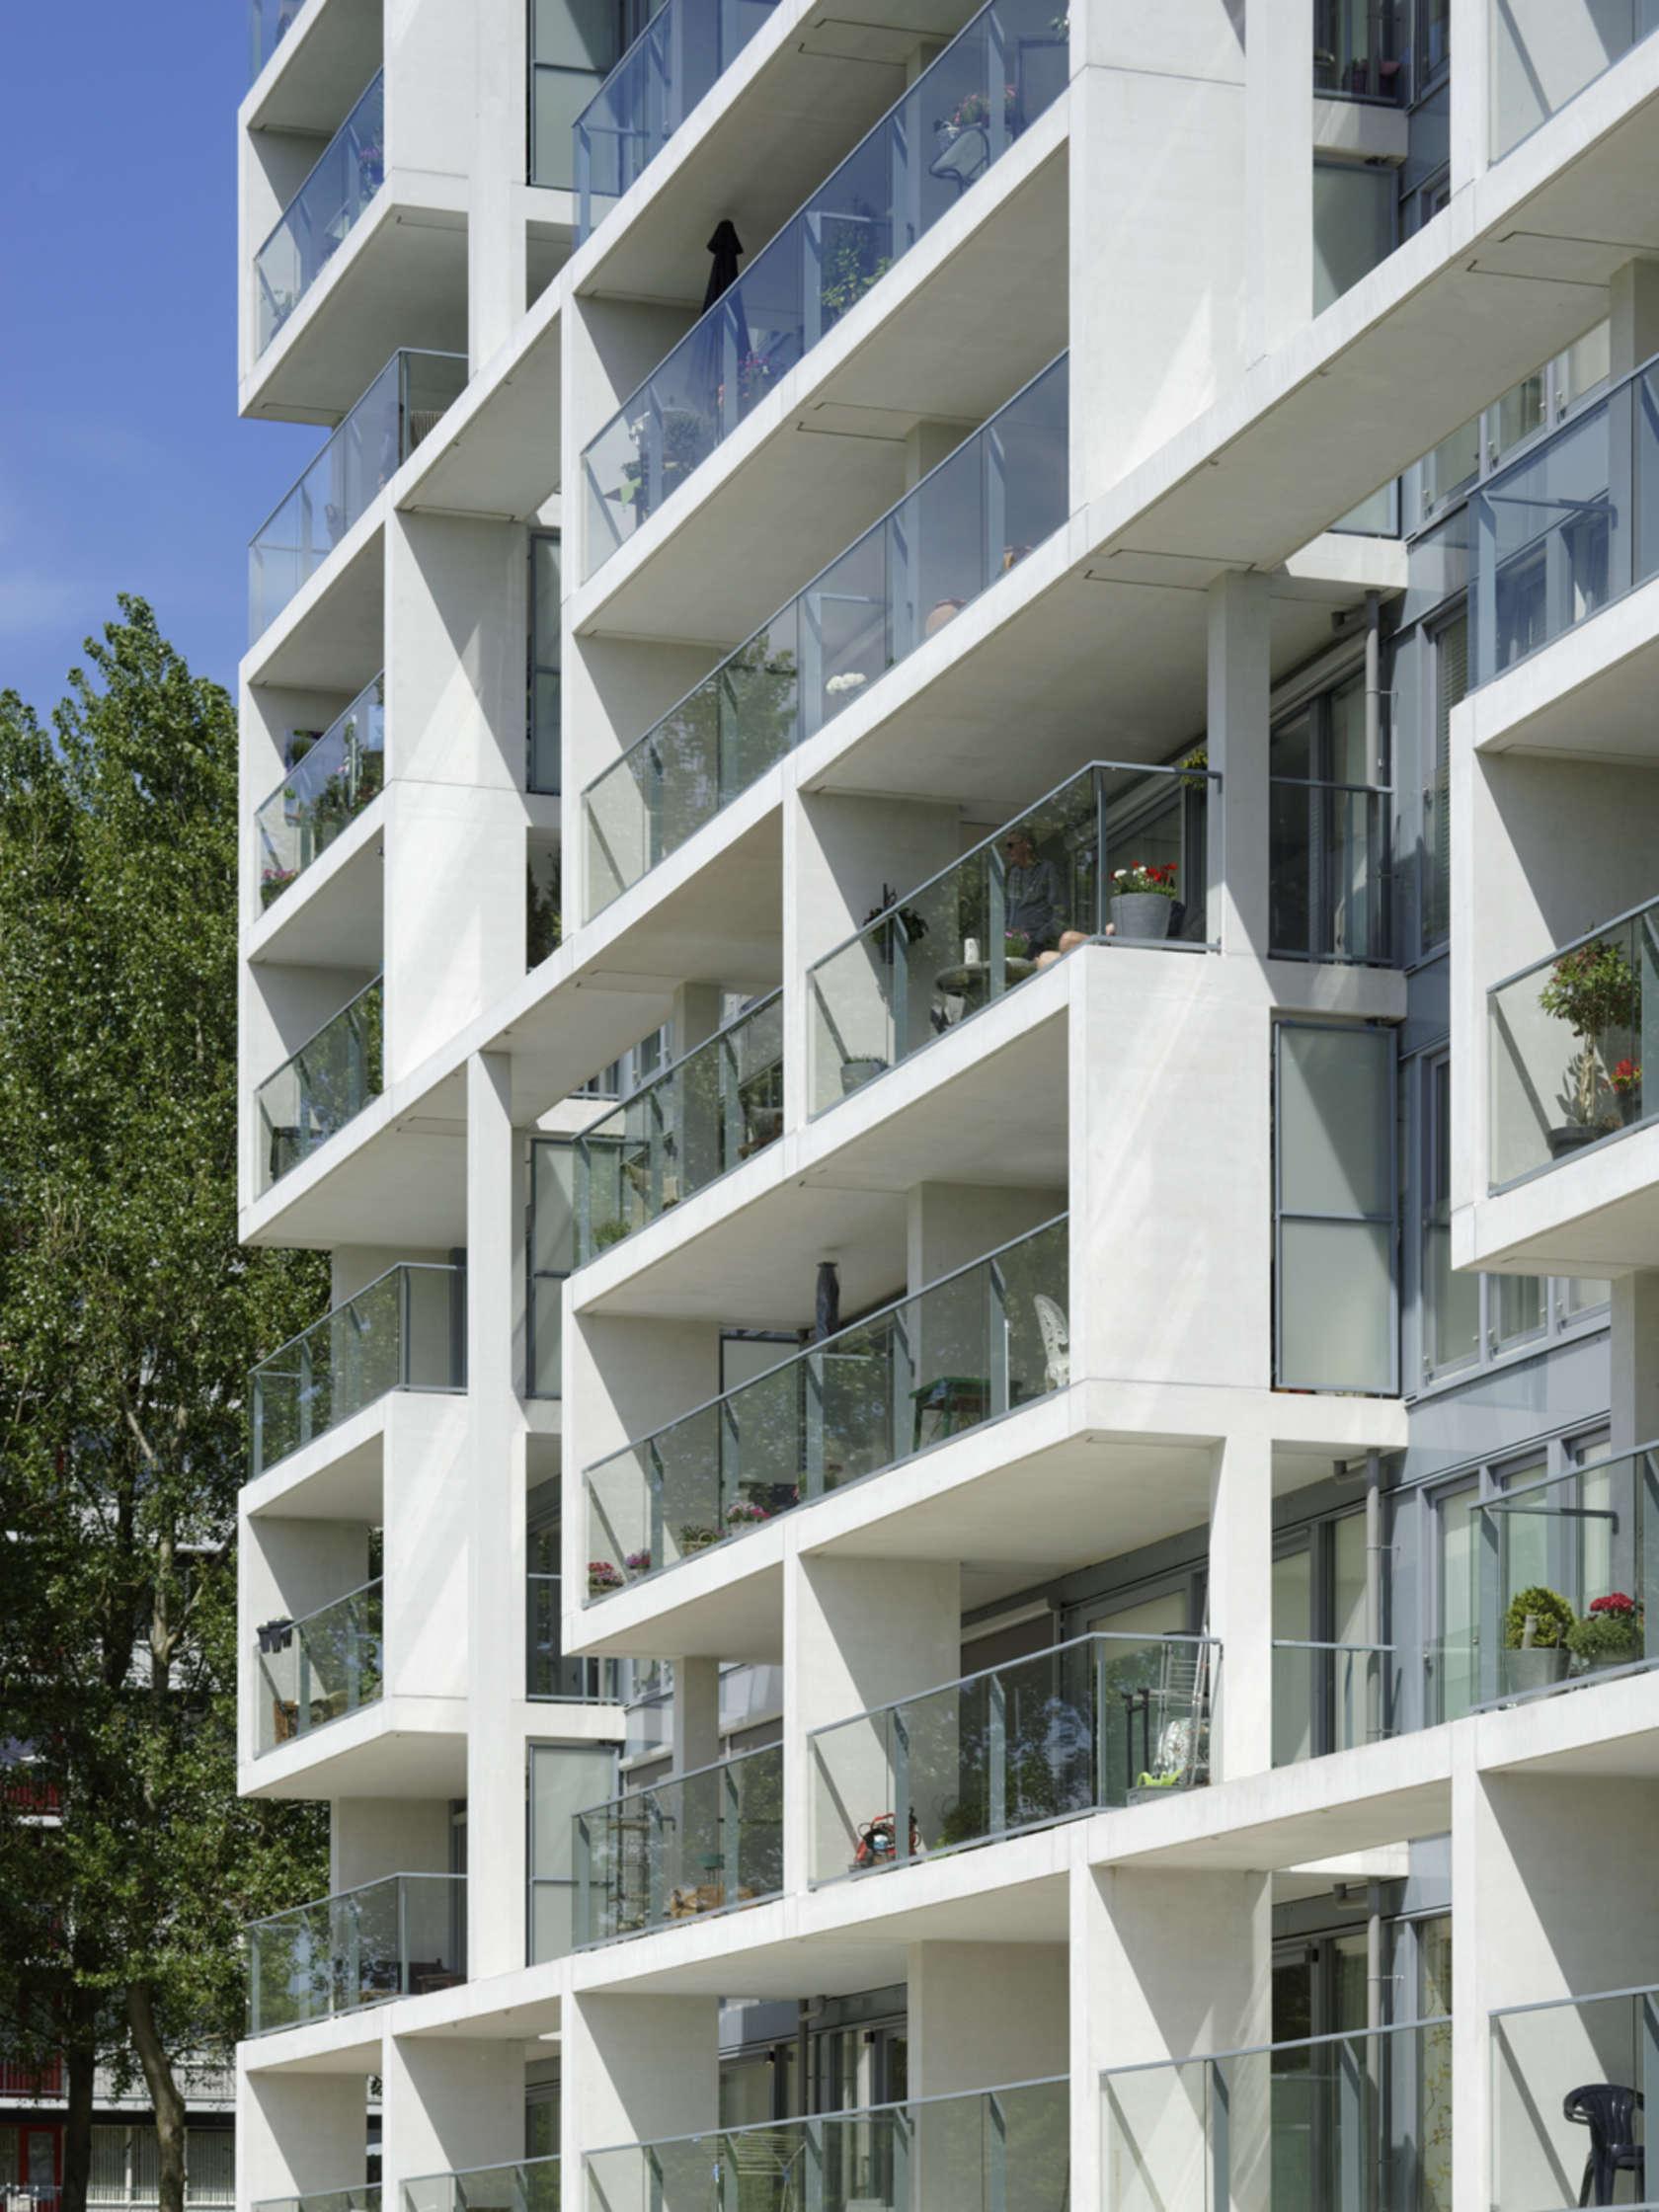 De nieuwe margriet architizer for Building balcony